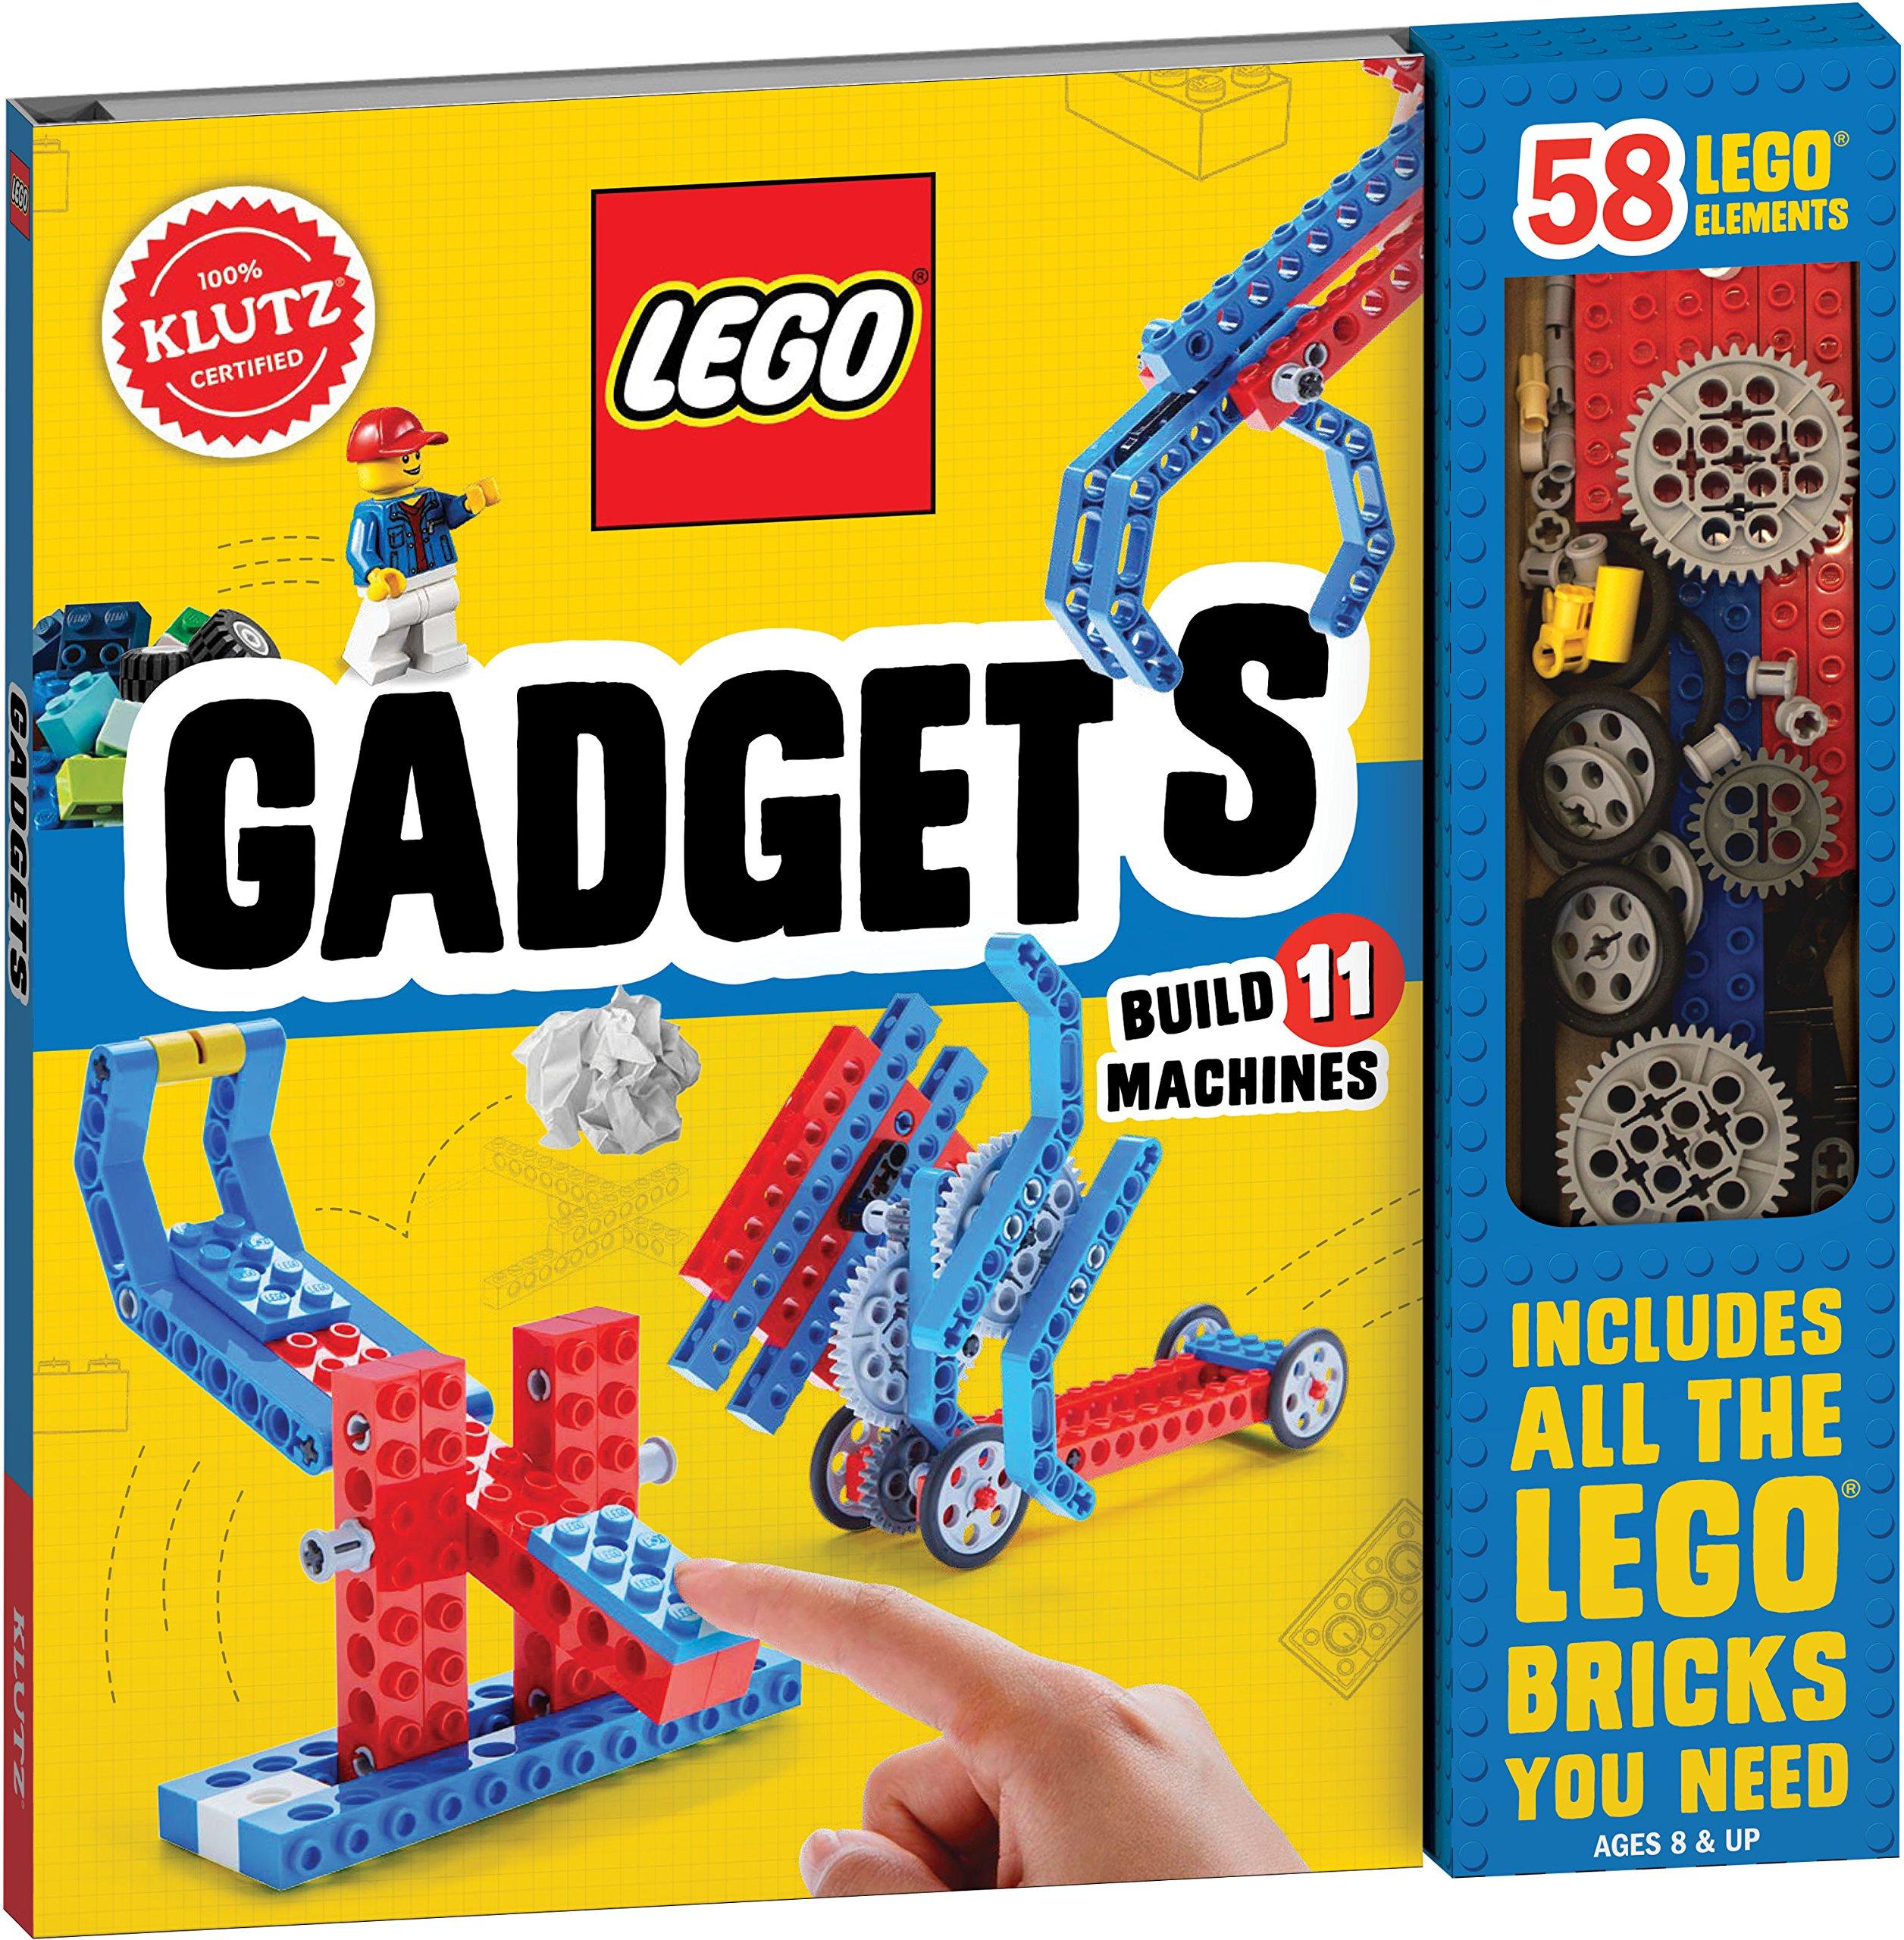 LEGO Gadgets Editors of Klutz